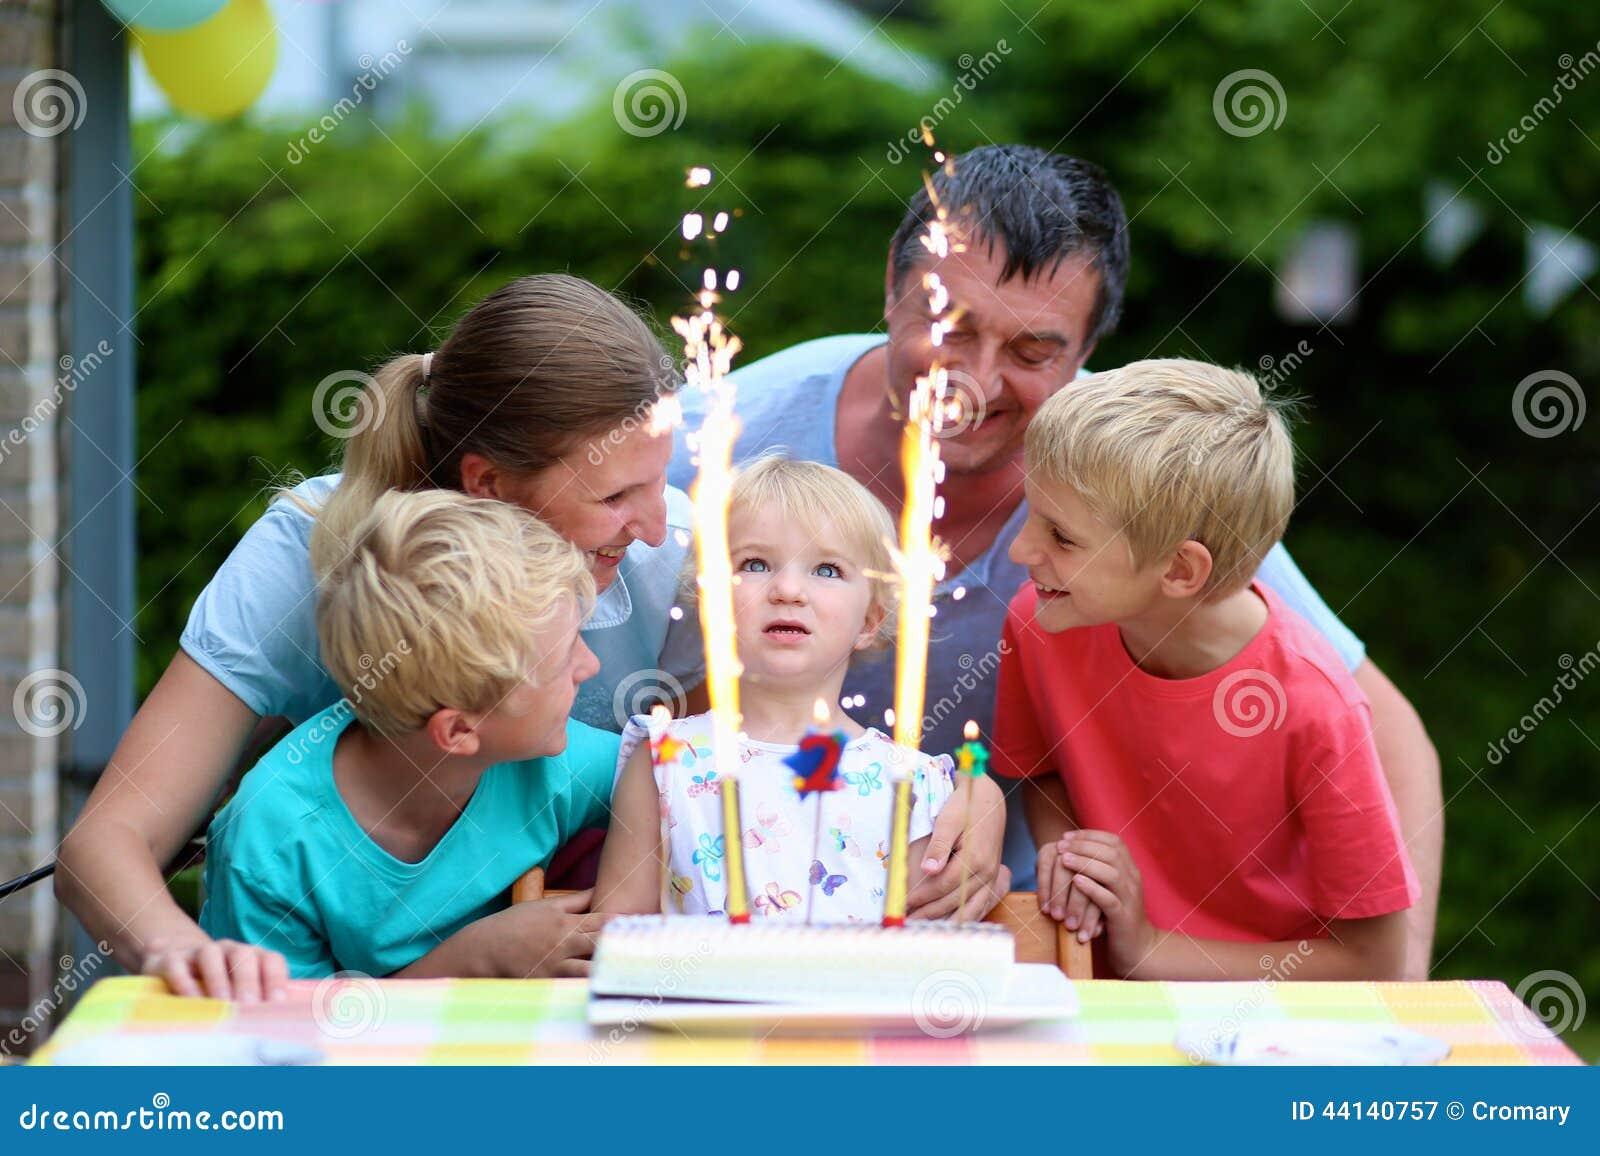 Familia que celebra de cumplea os de la hija dos a os foto - Cumpleanos dos anos ...